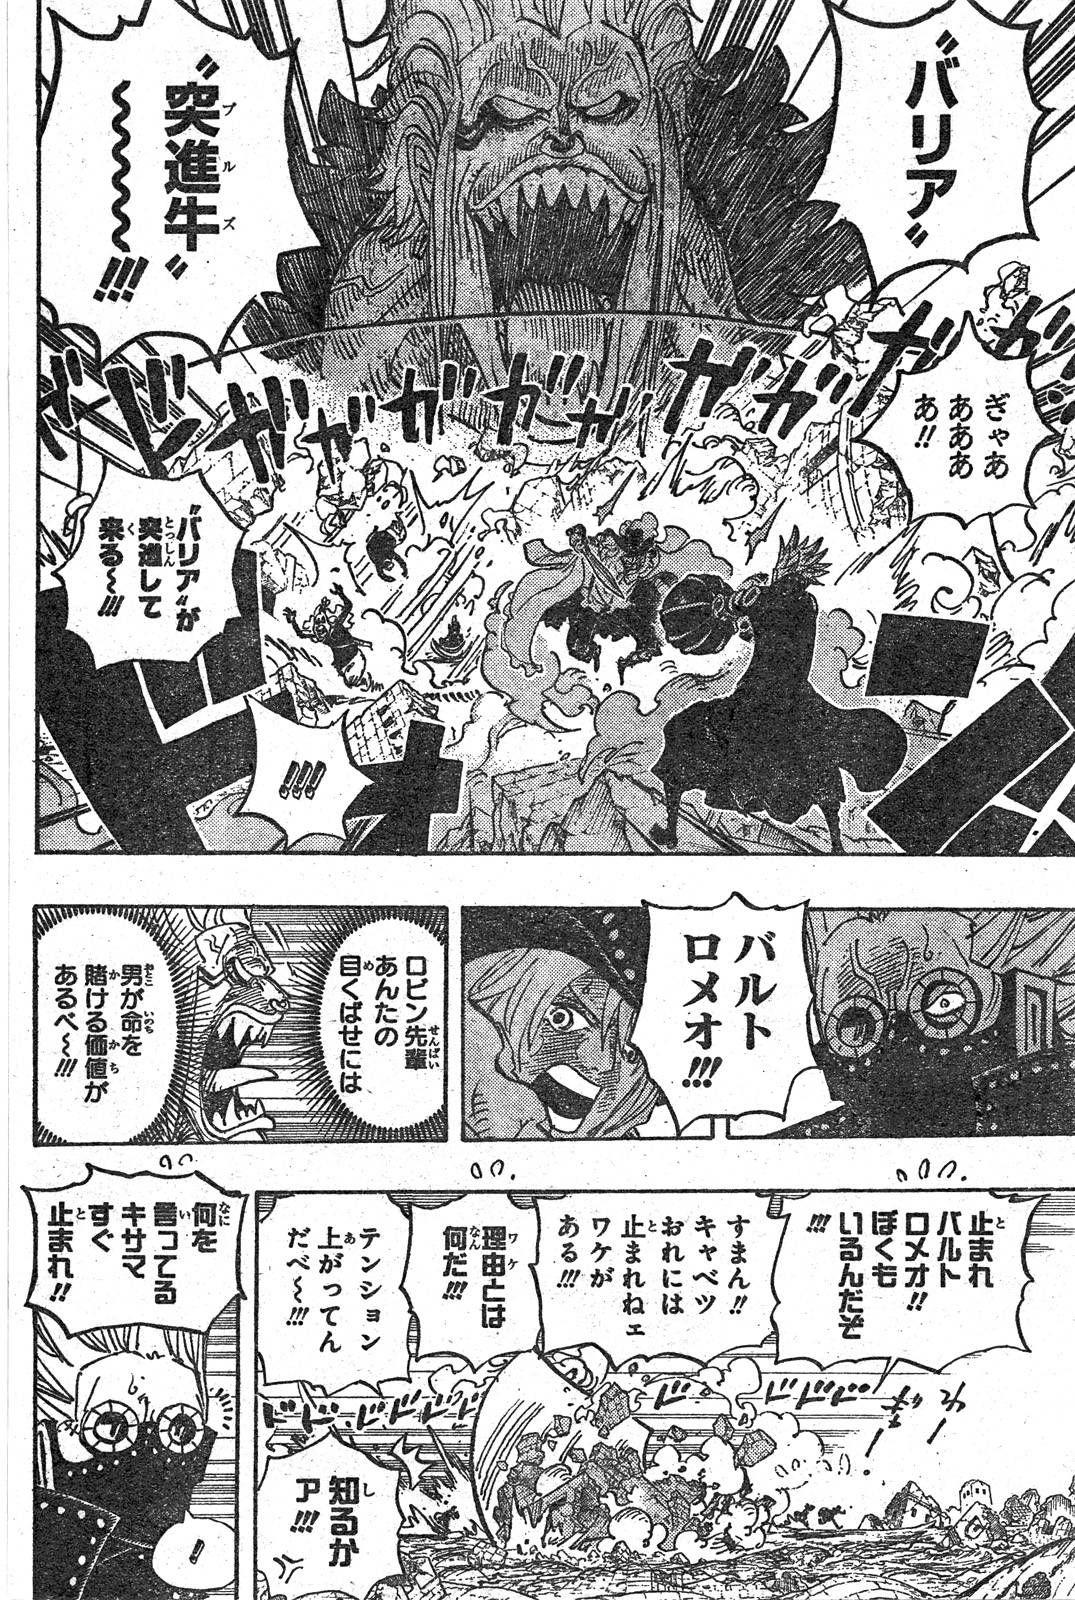 ワンピース chapter 772 page 12 one piece chapter one piece comic one piece